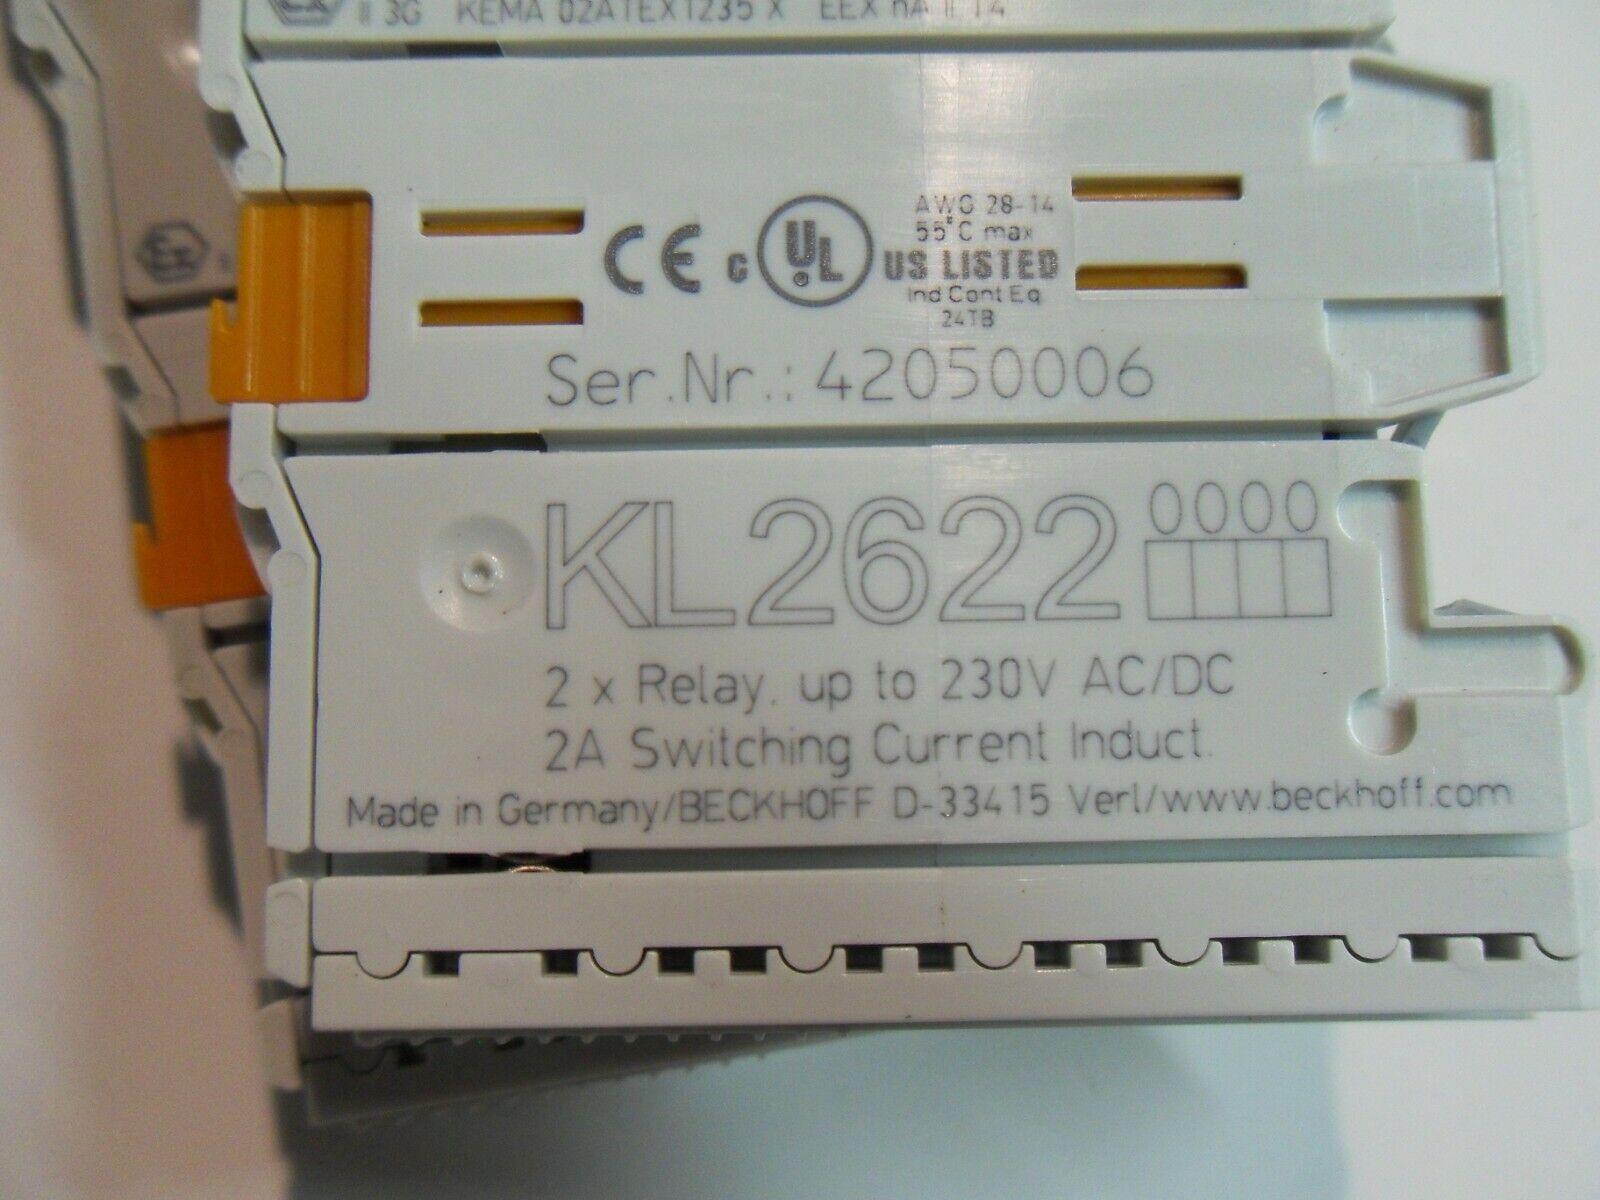 BECKHOFF KL2622 2 X RELAY